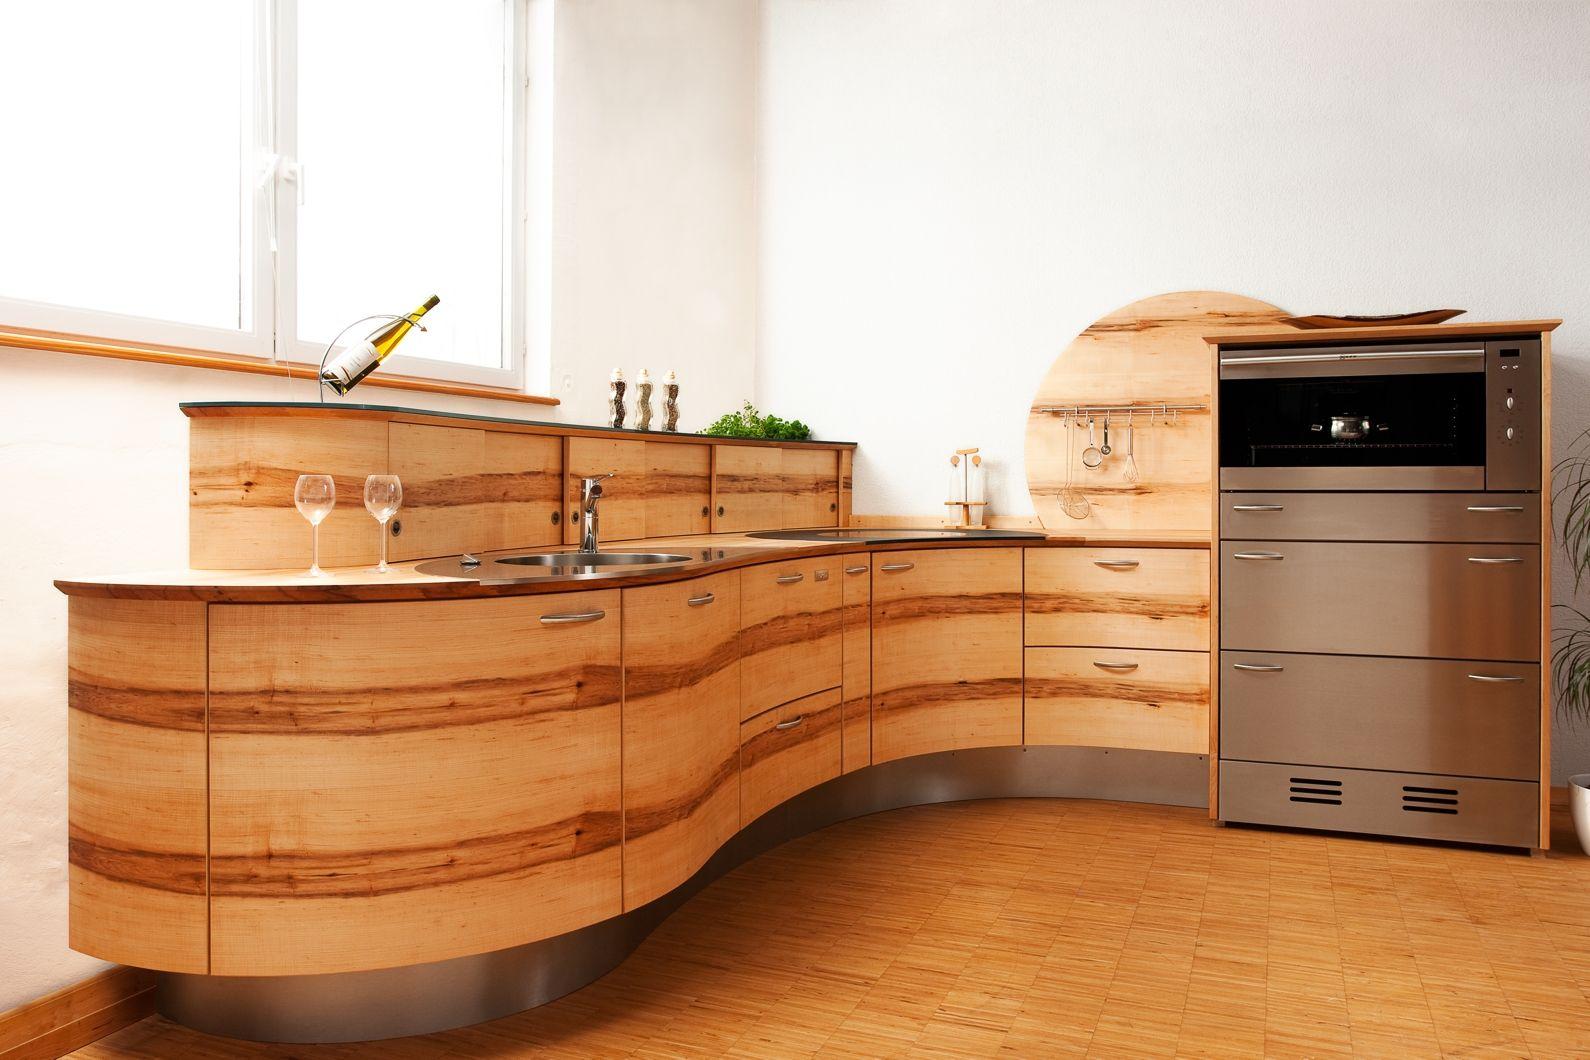 Gemütlich Kreative Küche Designs Kempsey Galerie - Küchenschrank ...